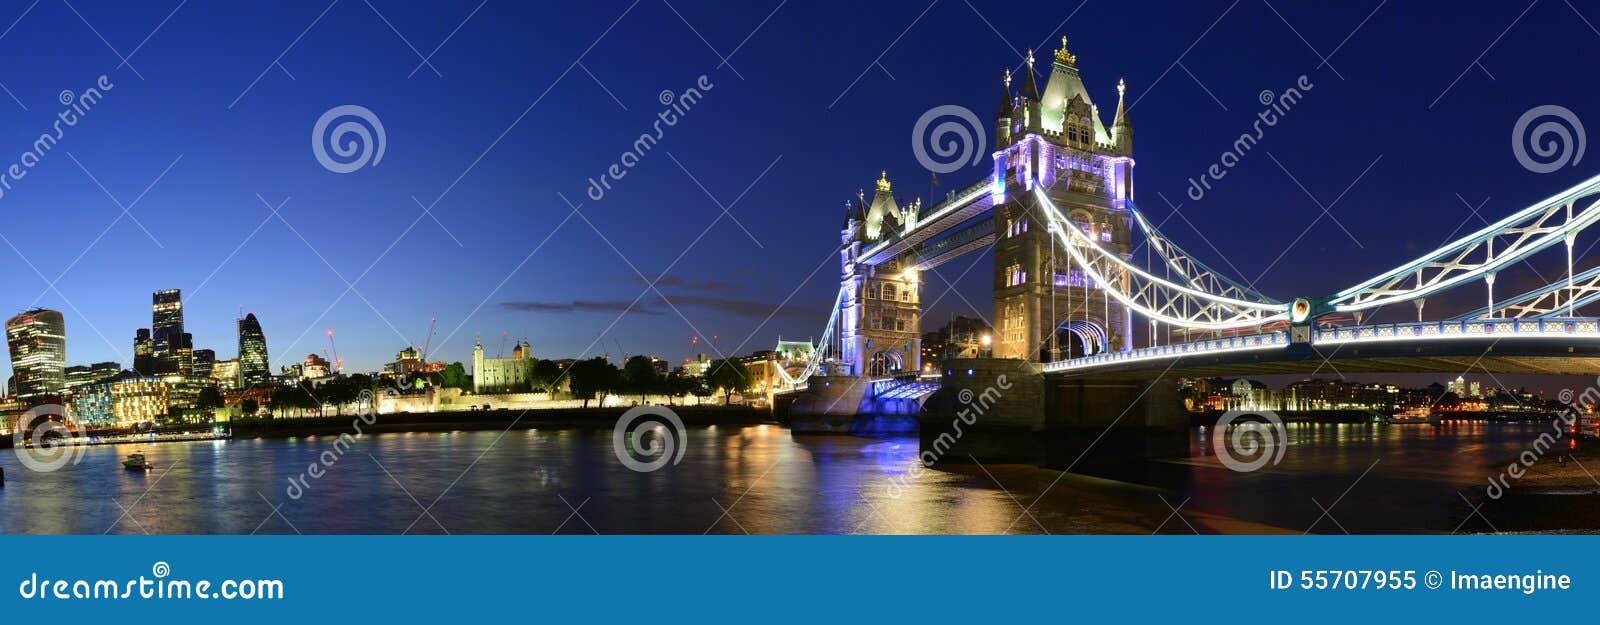 London bro över panorama för Thames flodnatt, UK